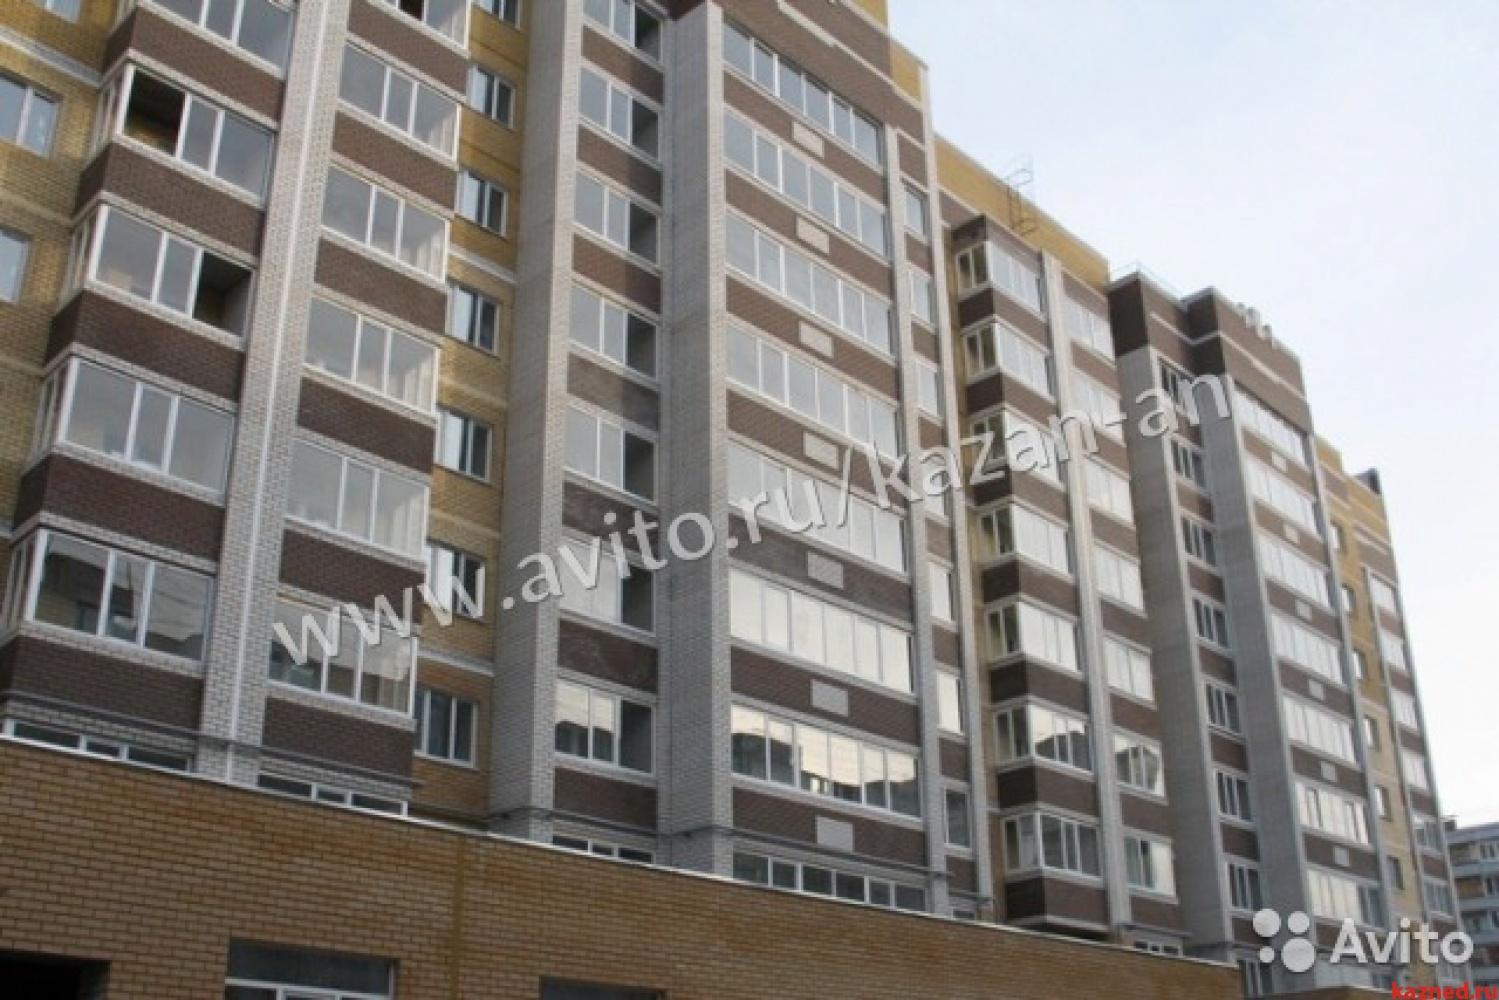 Продажа 3-к квартиры Лаврентьева д 11, 101 м2  (миниатюра №2)